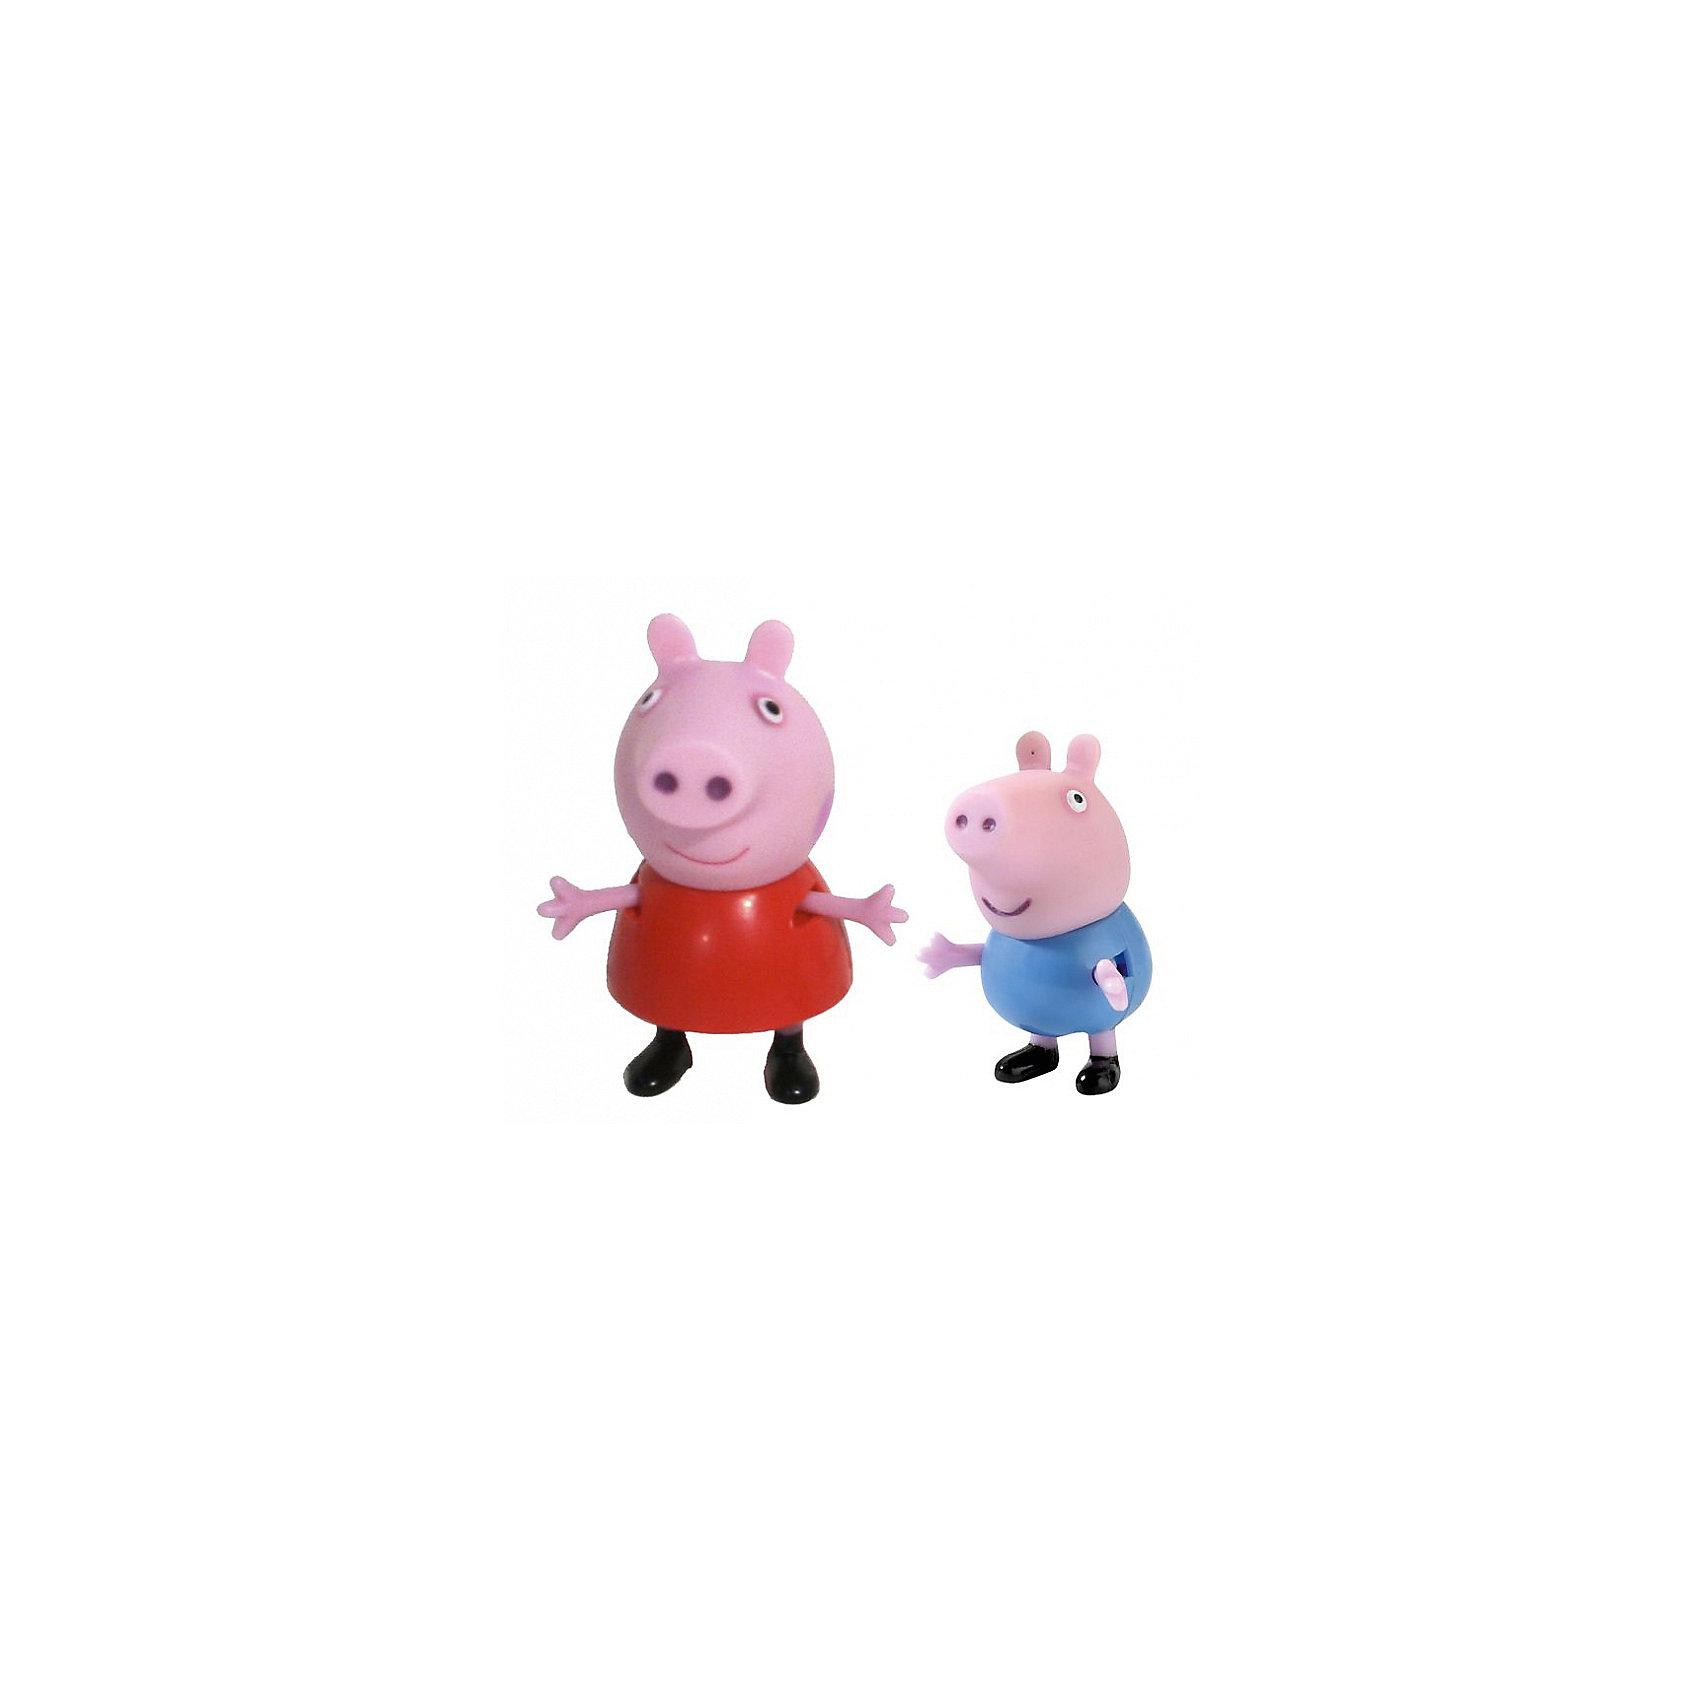 Росмэн Игровой набор Пеппа и Джордж, Свинка Пеппа росмэн игровой набор поезд пеппы неваляшки свинка пеппа